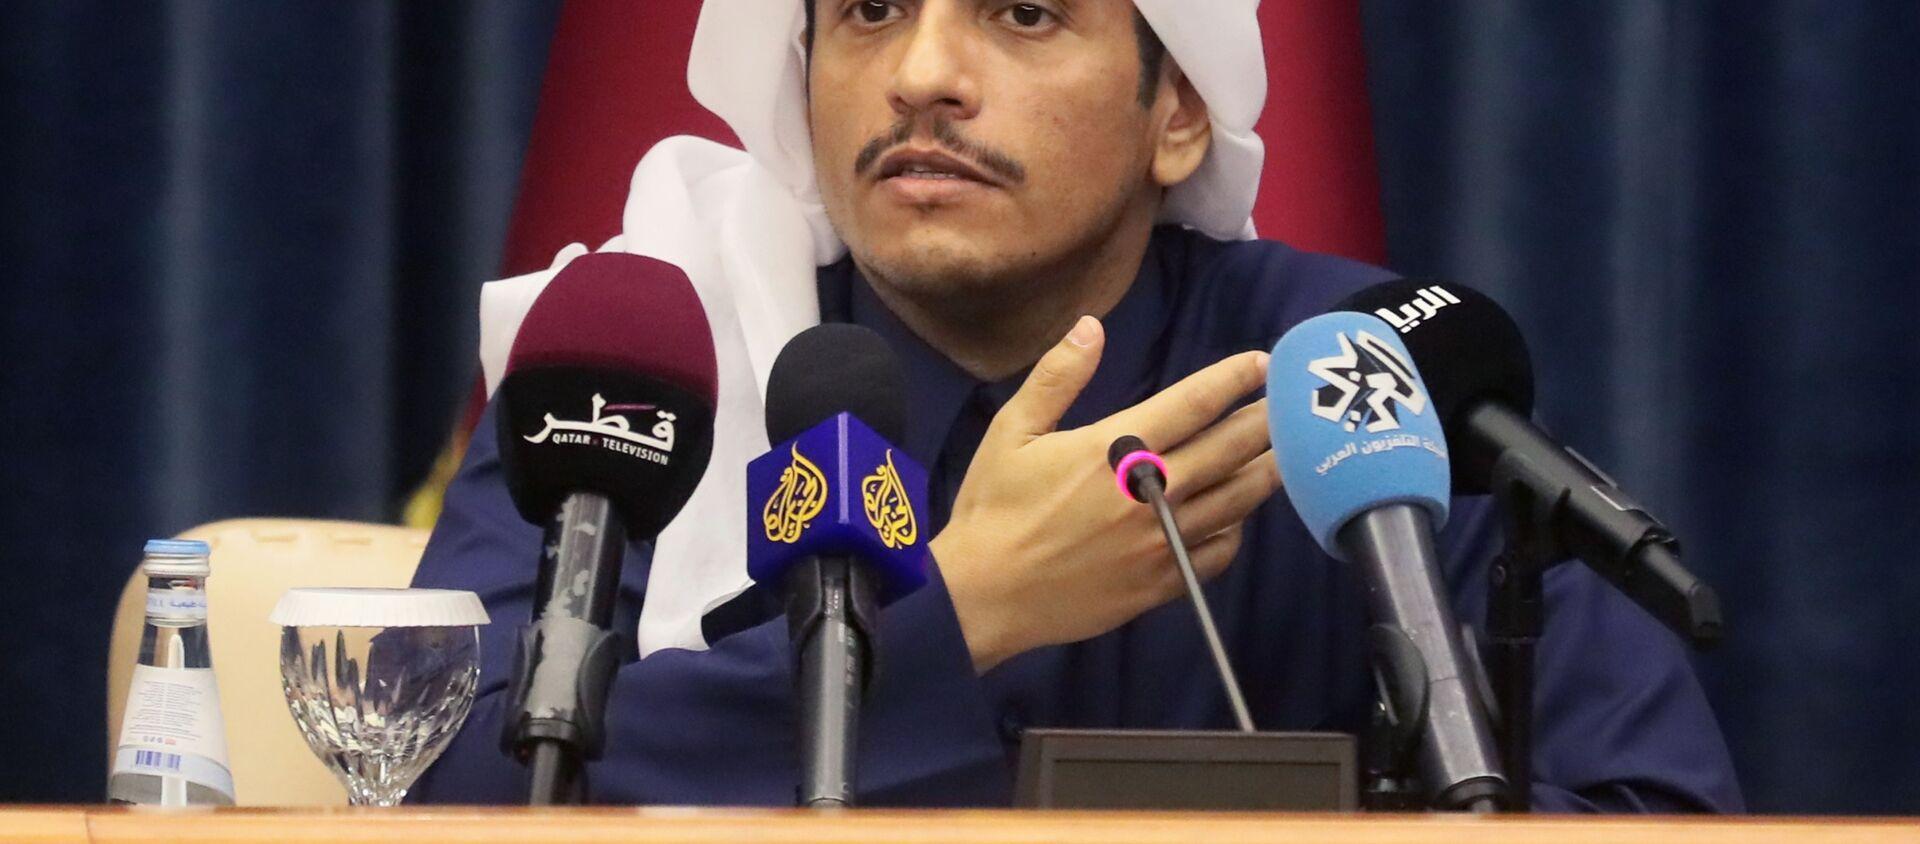 Il ministro degli Esteri del Qatar Mohammed bin Abdulrahman bin Jassim Al Thani - Sputnik Italia, 1920, 07.03.2021